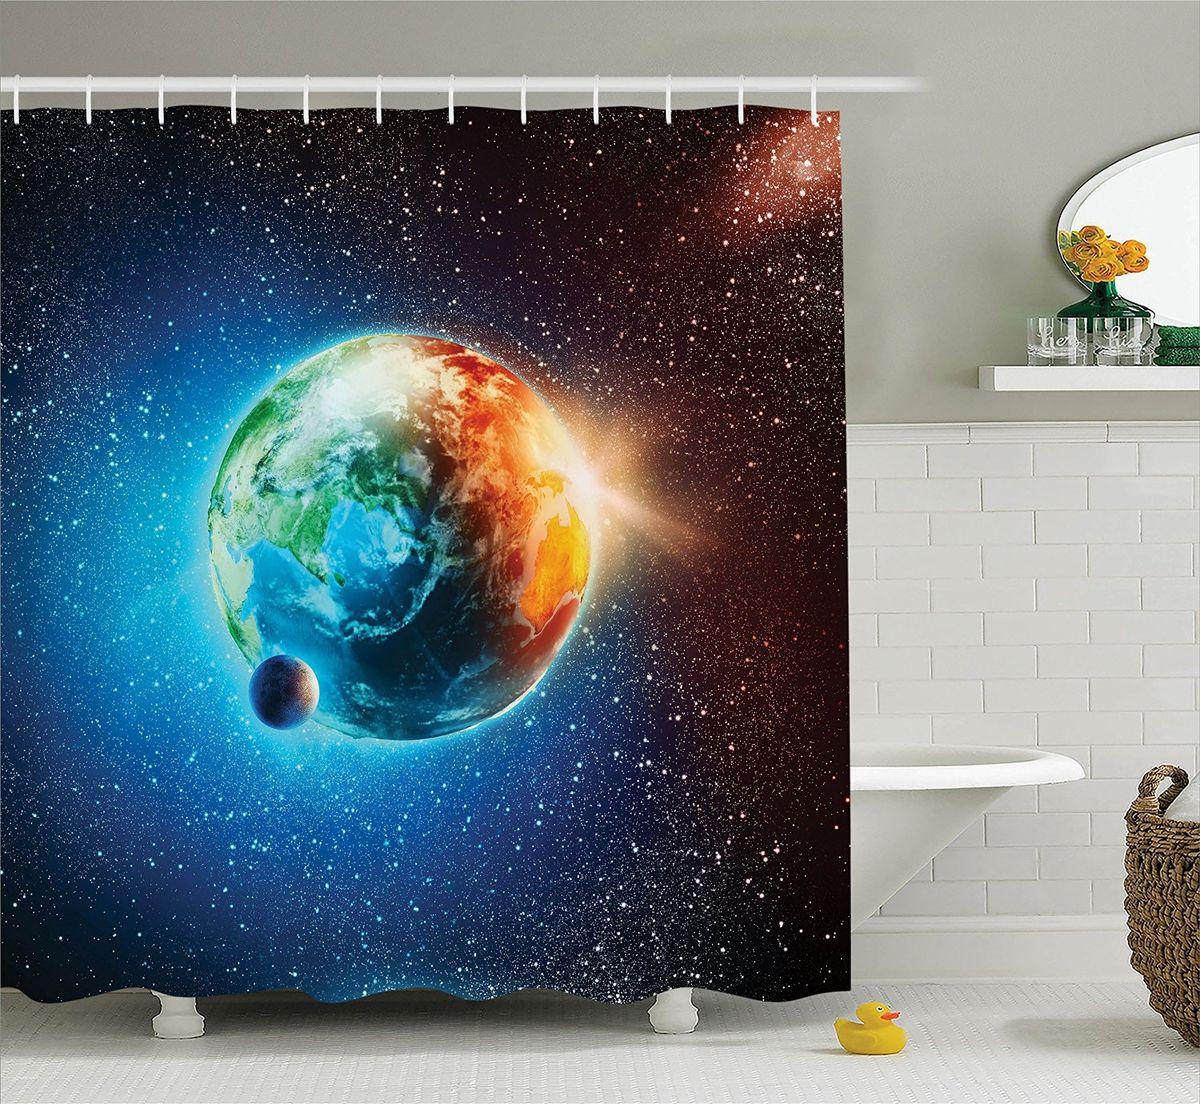 Штора для ванной комнаты Magic Lady Живая планета, 180 х 200 смшв_15664Штора Magic Lady Живая планета, изготовленная из высококачественного сатена (полиэстер 100%), отлично дополнит любой интерьер ванной комнаты. При изготовлении используются специальные гипоаллергенные чернила для прямой печати по ткани, безопасные для человека.В комплекте: 1 штора, 12 крючков. Обращаем ваше внимание, фактический цвет изделия может незначительно отличаться от представленного на фото.